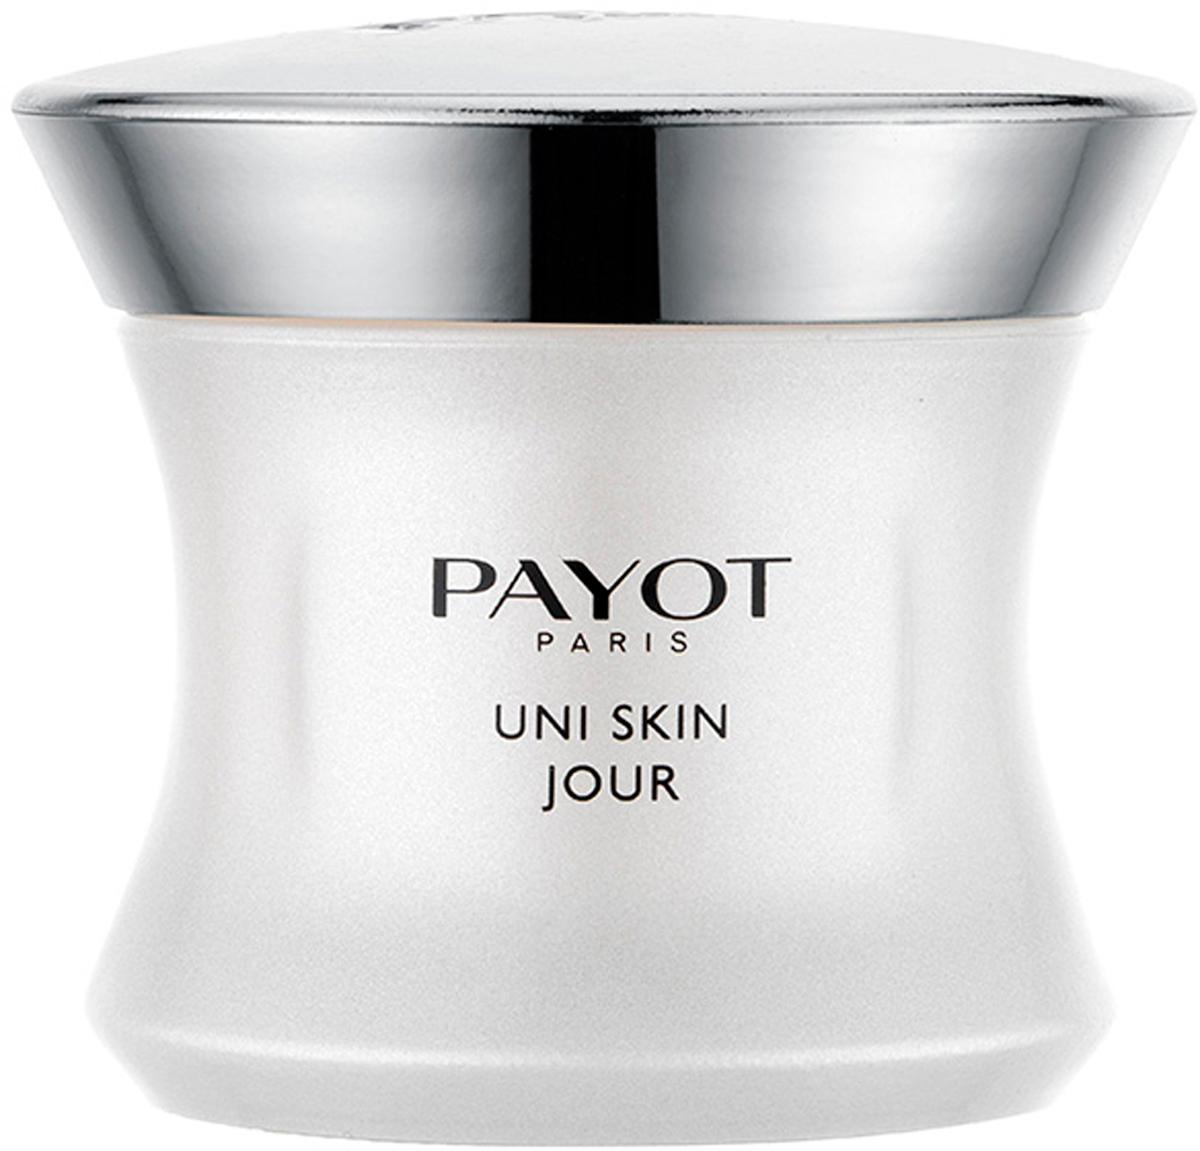 Payot Uni Skin Выравнивающий совершенствующий крем, 50 мл65109910Крем борется с нарушениями жизнедеятельности клеток, вызывающими изменения тона кожи (пигментные пятна, тусклый цвет лица, следы от акне, покраснения). Повышает способность кожи отражать свет и возвращает ей сияние. Защищает от плохой экологии и солнечных лучей. Фильтры SPF15 усилены UVA-защитой для профилактики появления неоднородности тона.